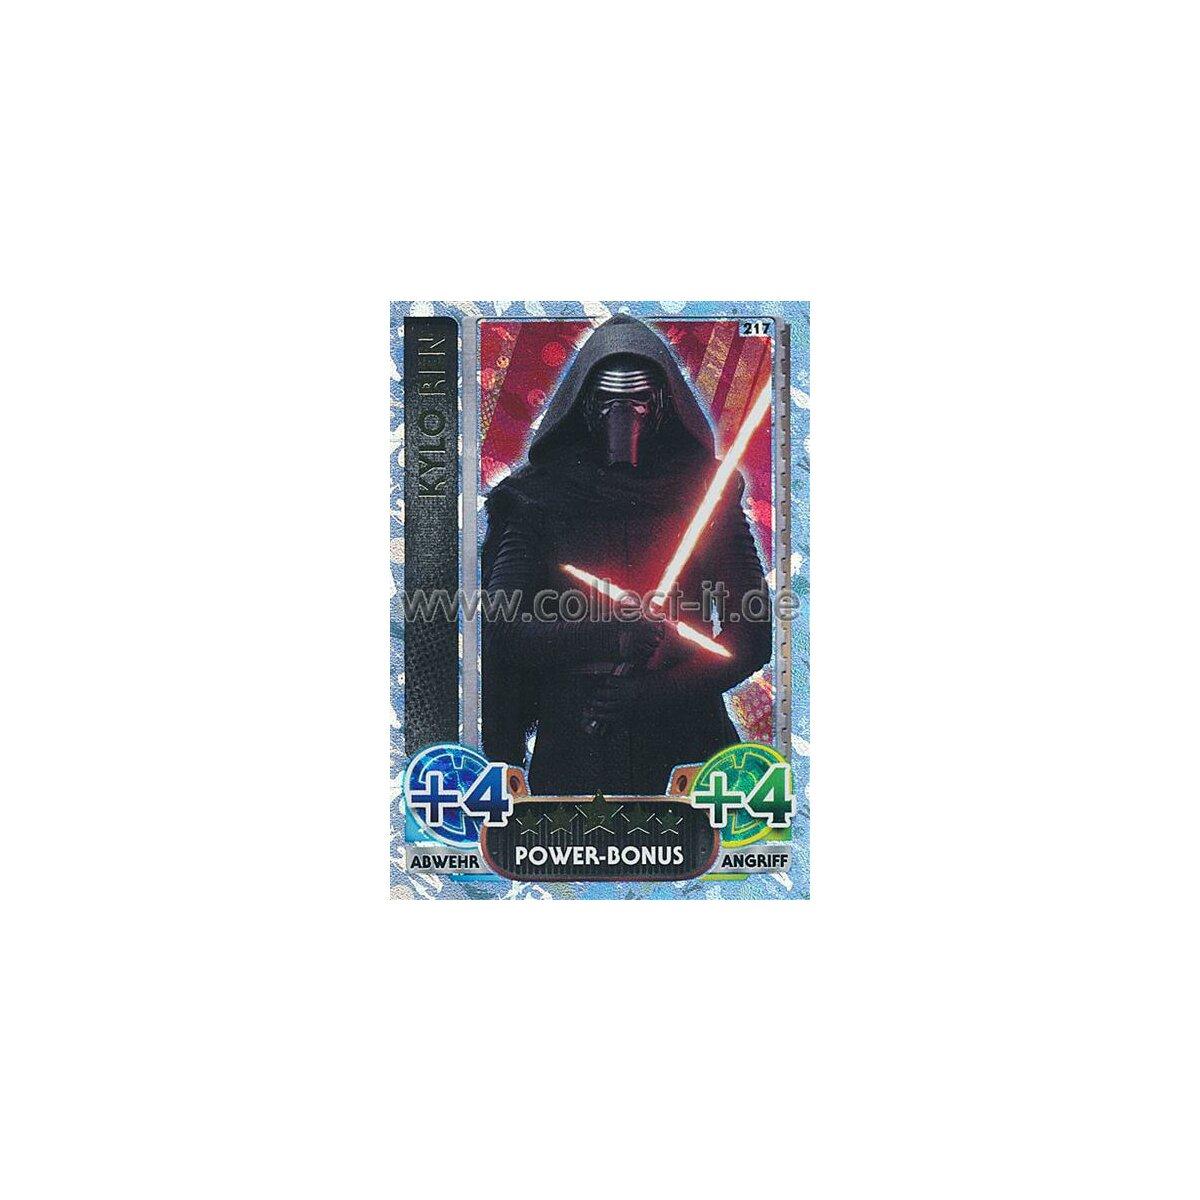 POWER BONUS